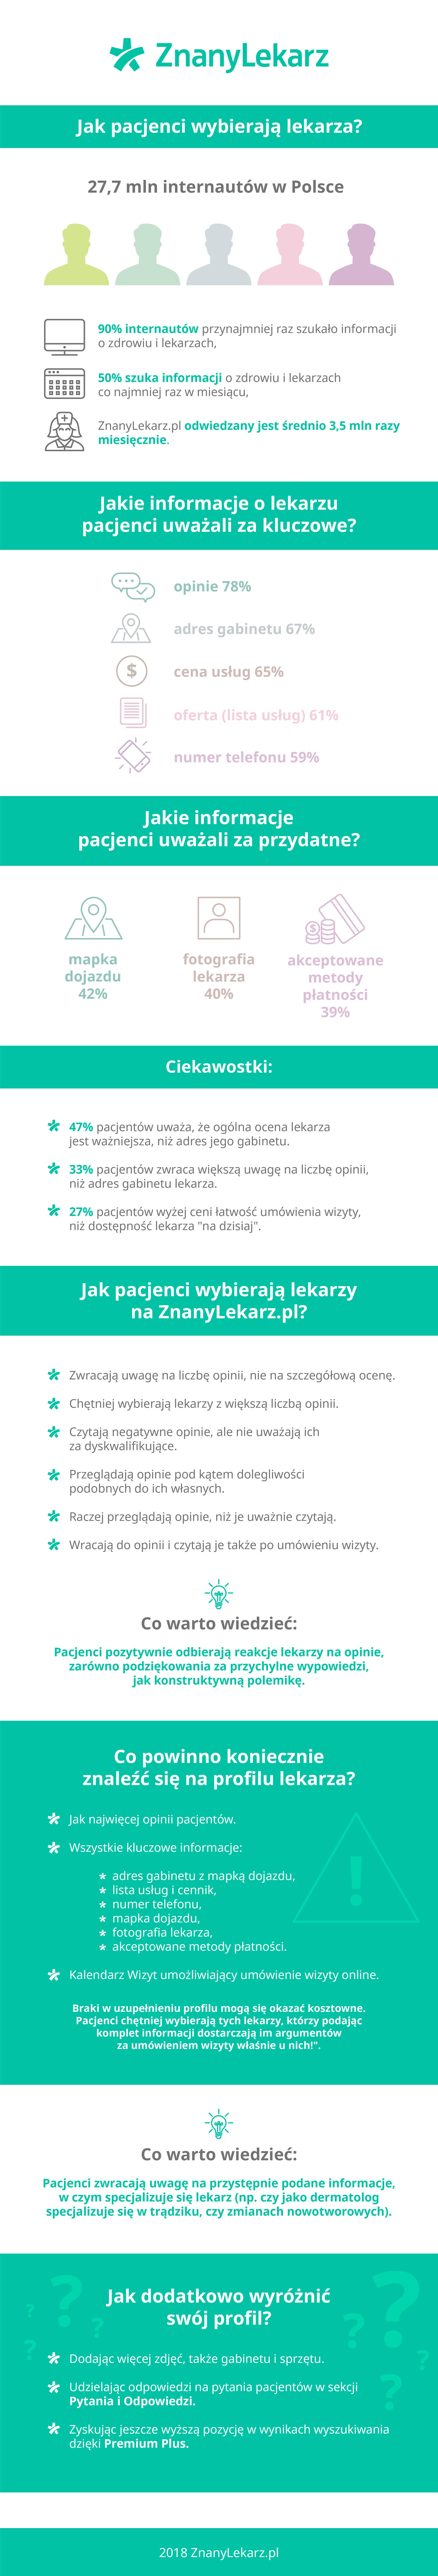 ZL infografika jak pacjenci wybieraja lekarza.png